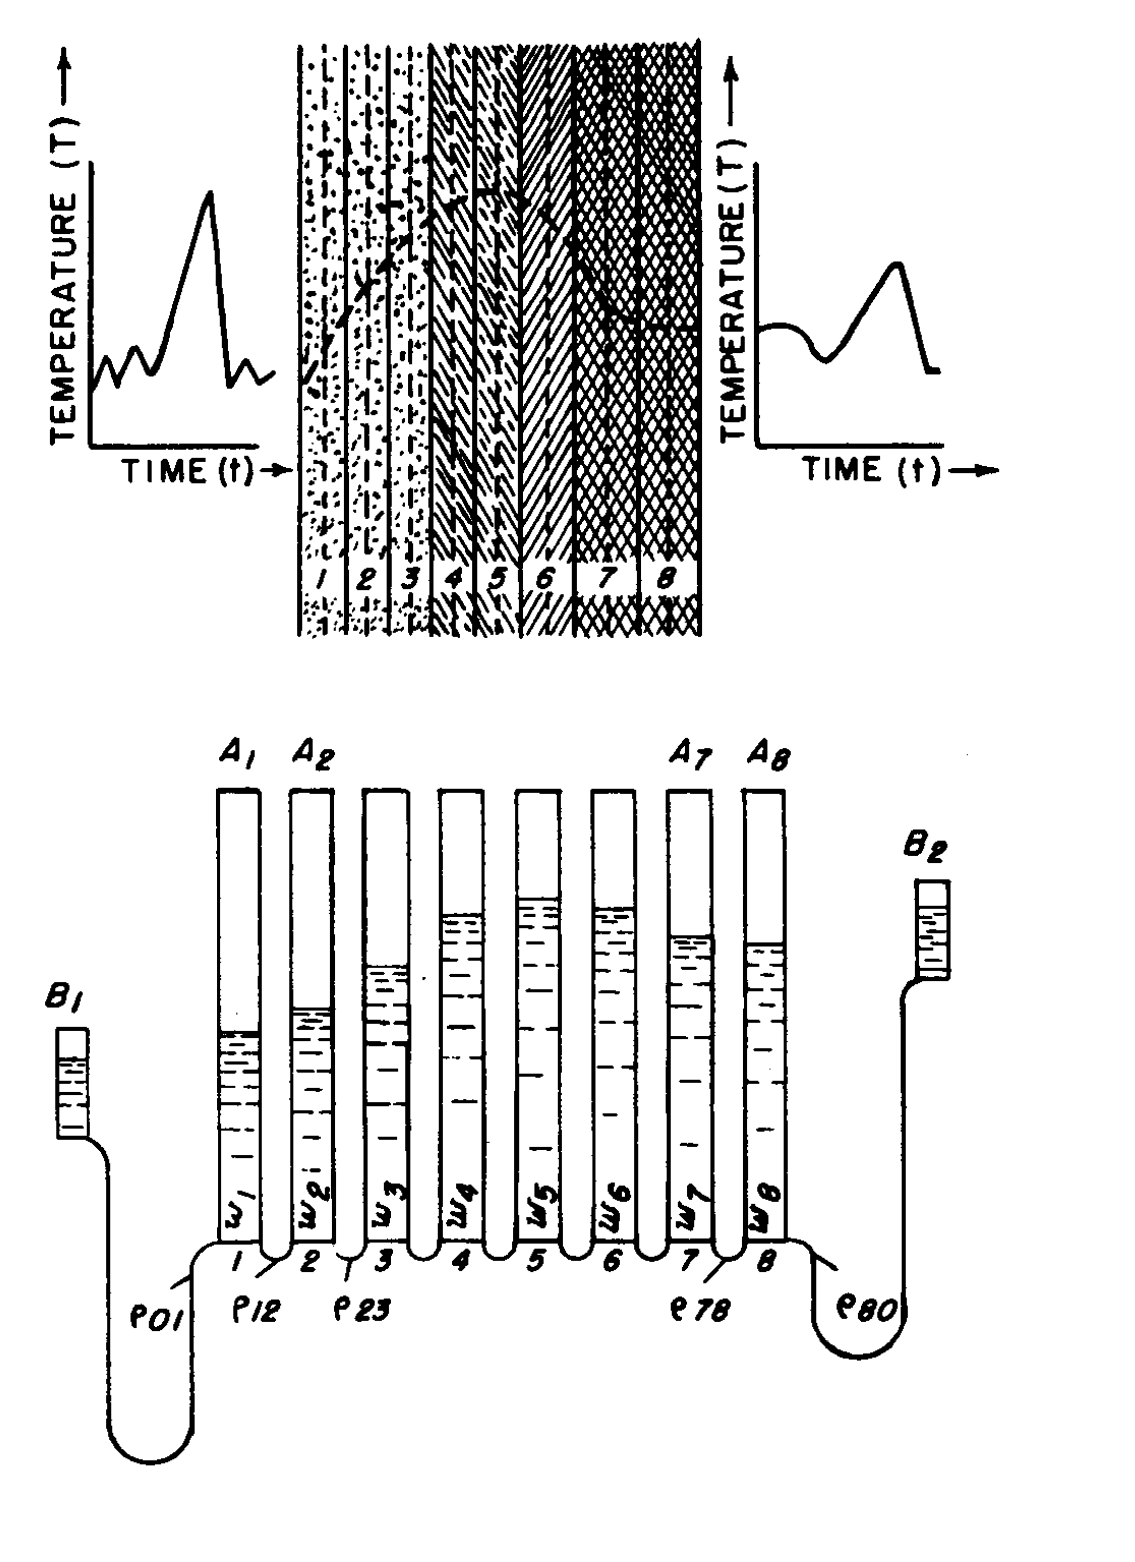 Аналогия между температурами слоев и распределением воды в трубках